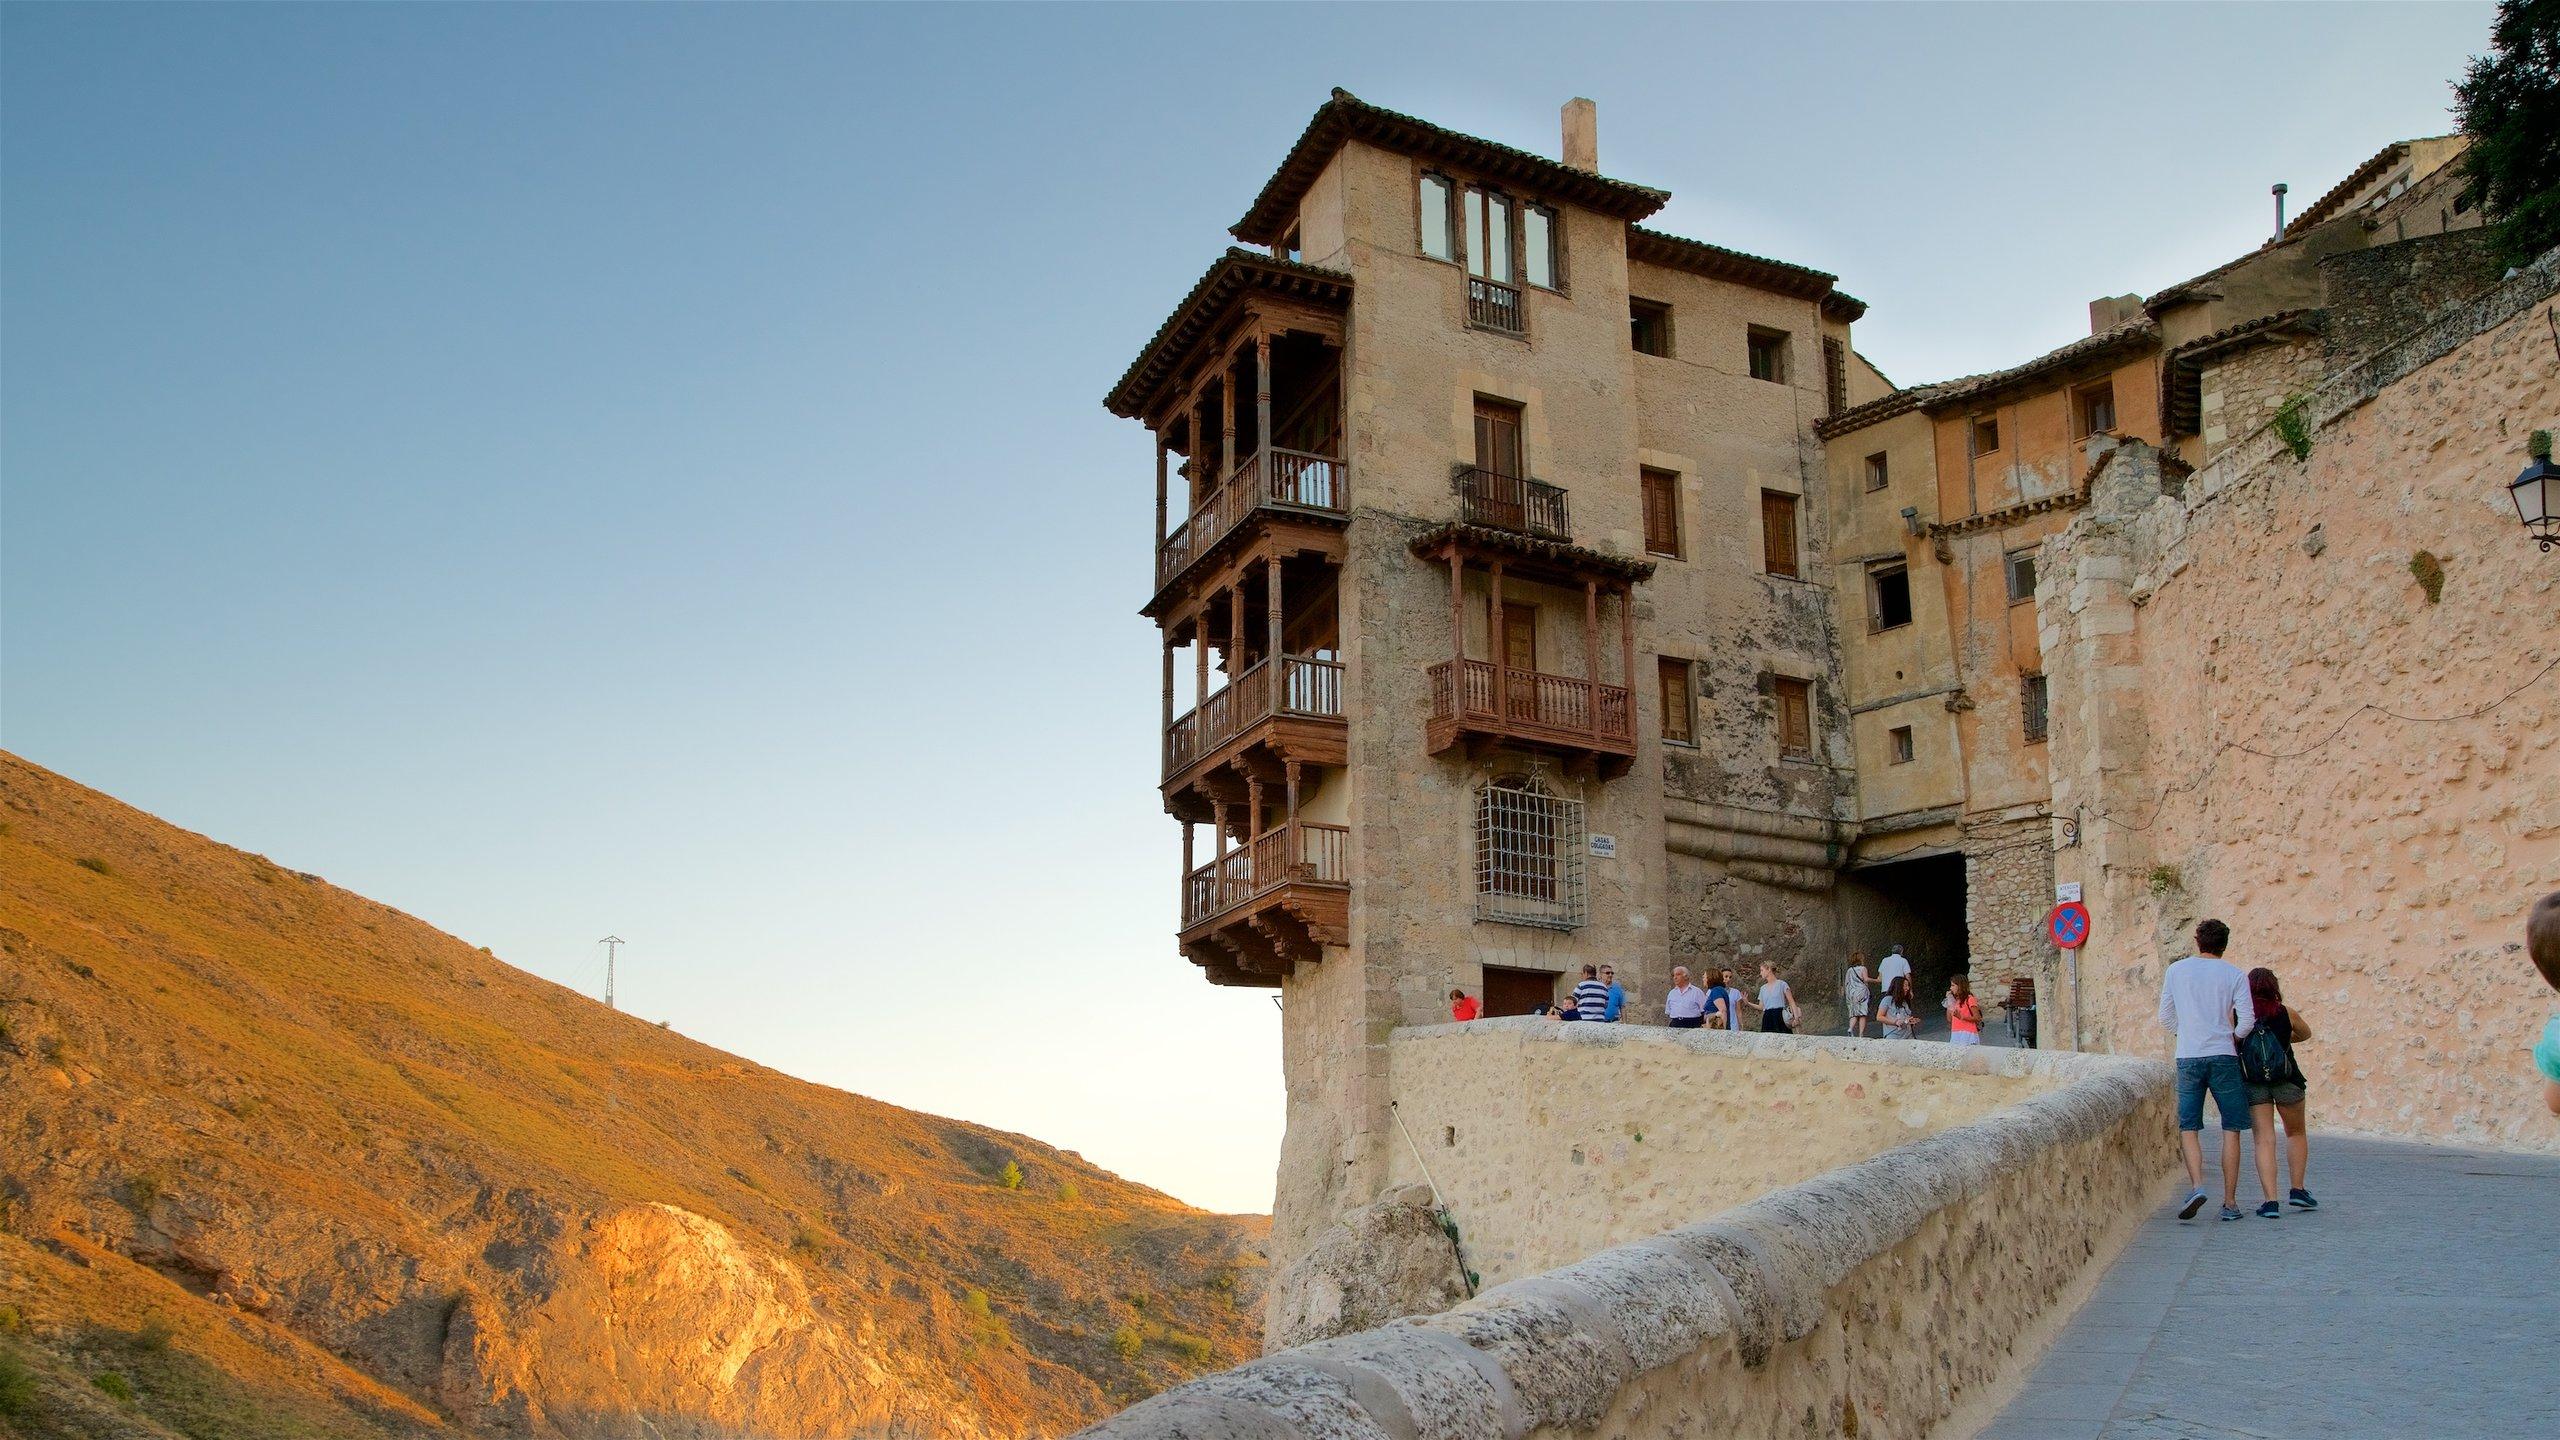 Hanging Houses of Cuenca, Cuenca, Castilla - La Mancha, Spain